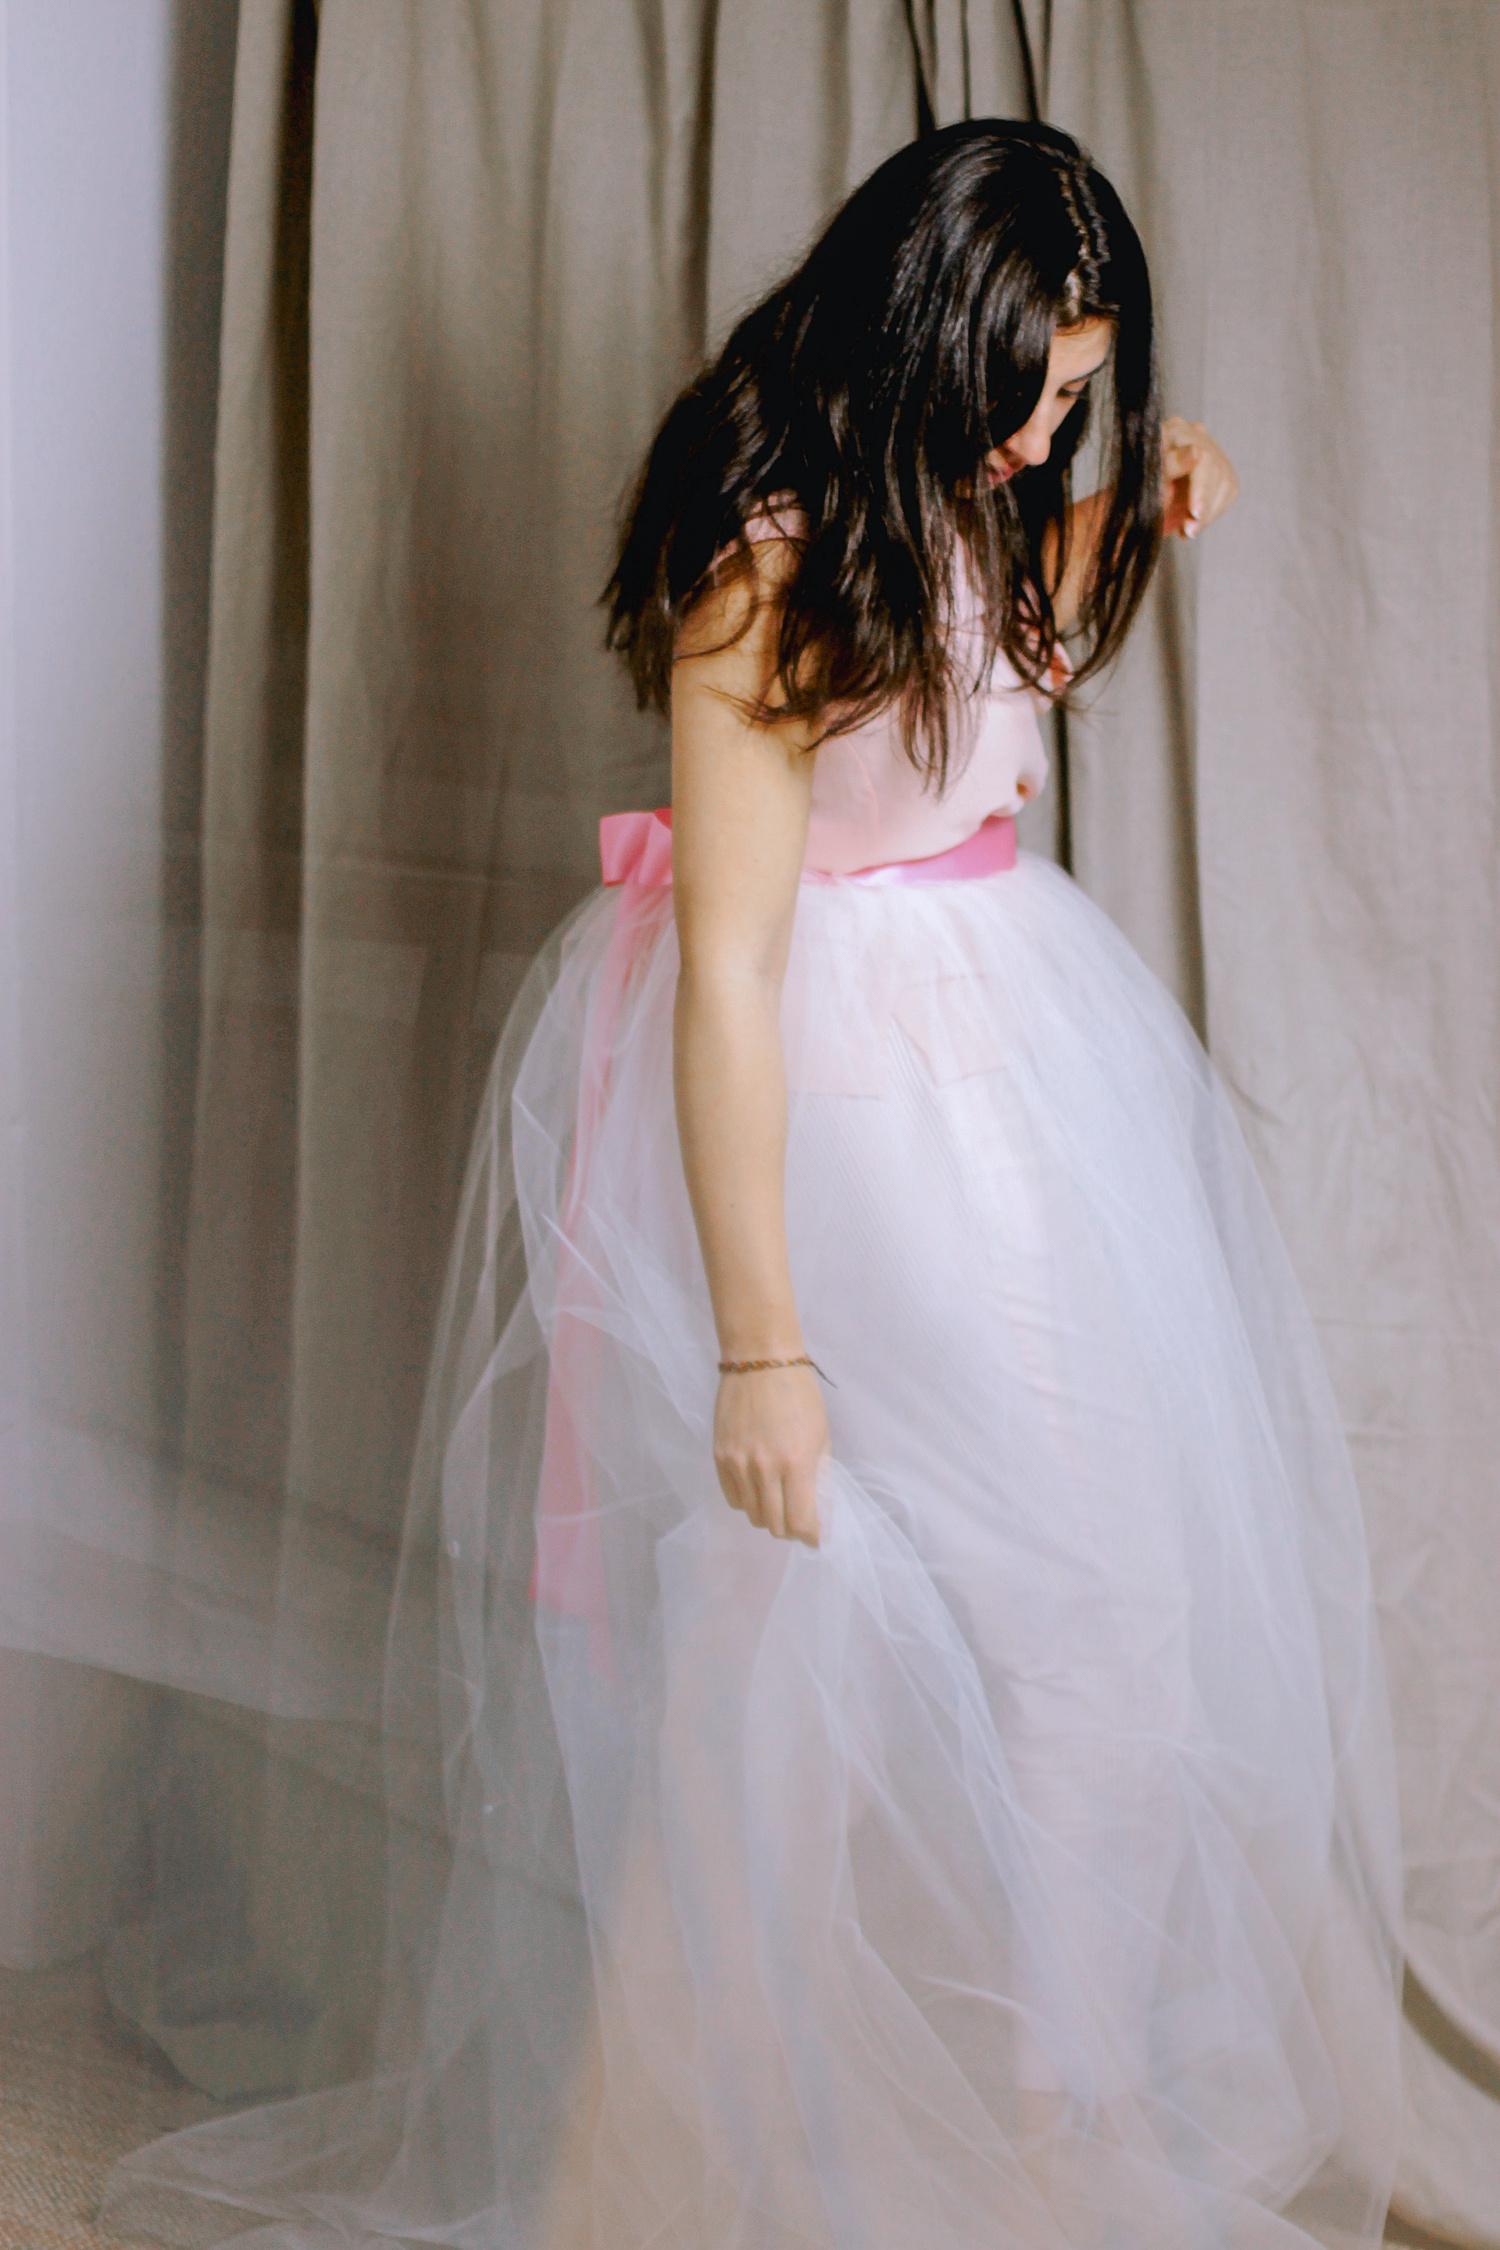 Ritratto di ragazza in piedi con vestito di tulle